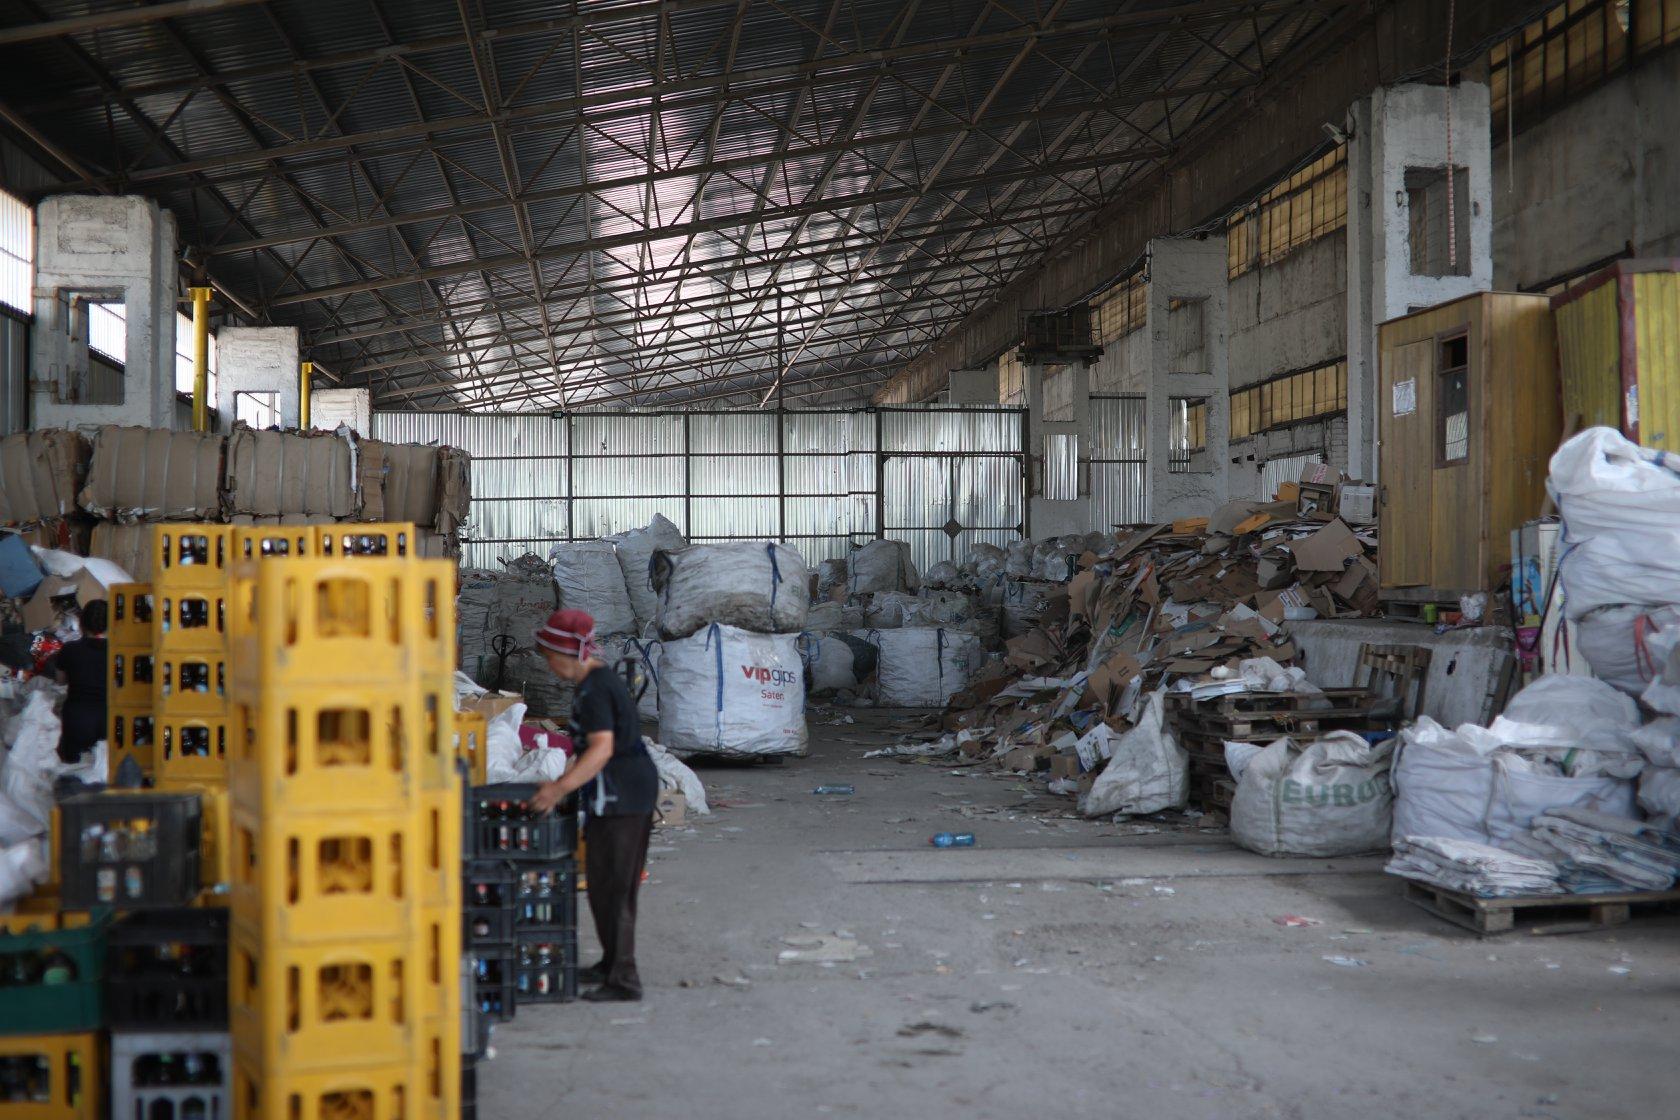 Отходы из желтых контейнеров попадают сюда, в сортировочный цех ООО «Эковтор-17». Об этом Екатерина пишет на Фейсбуке. Здесь и далее фото с ее страницы.